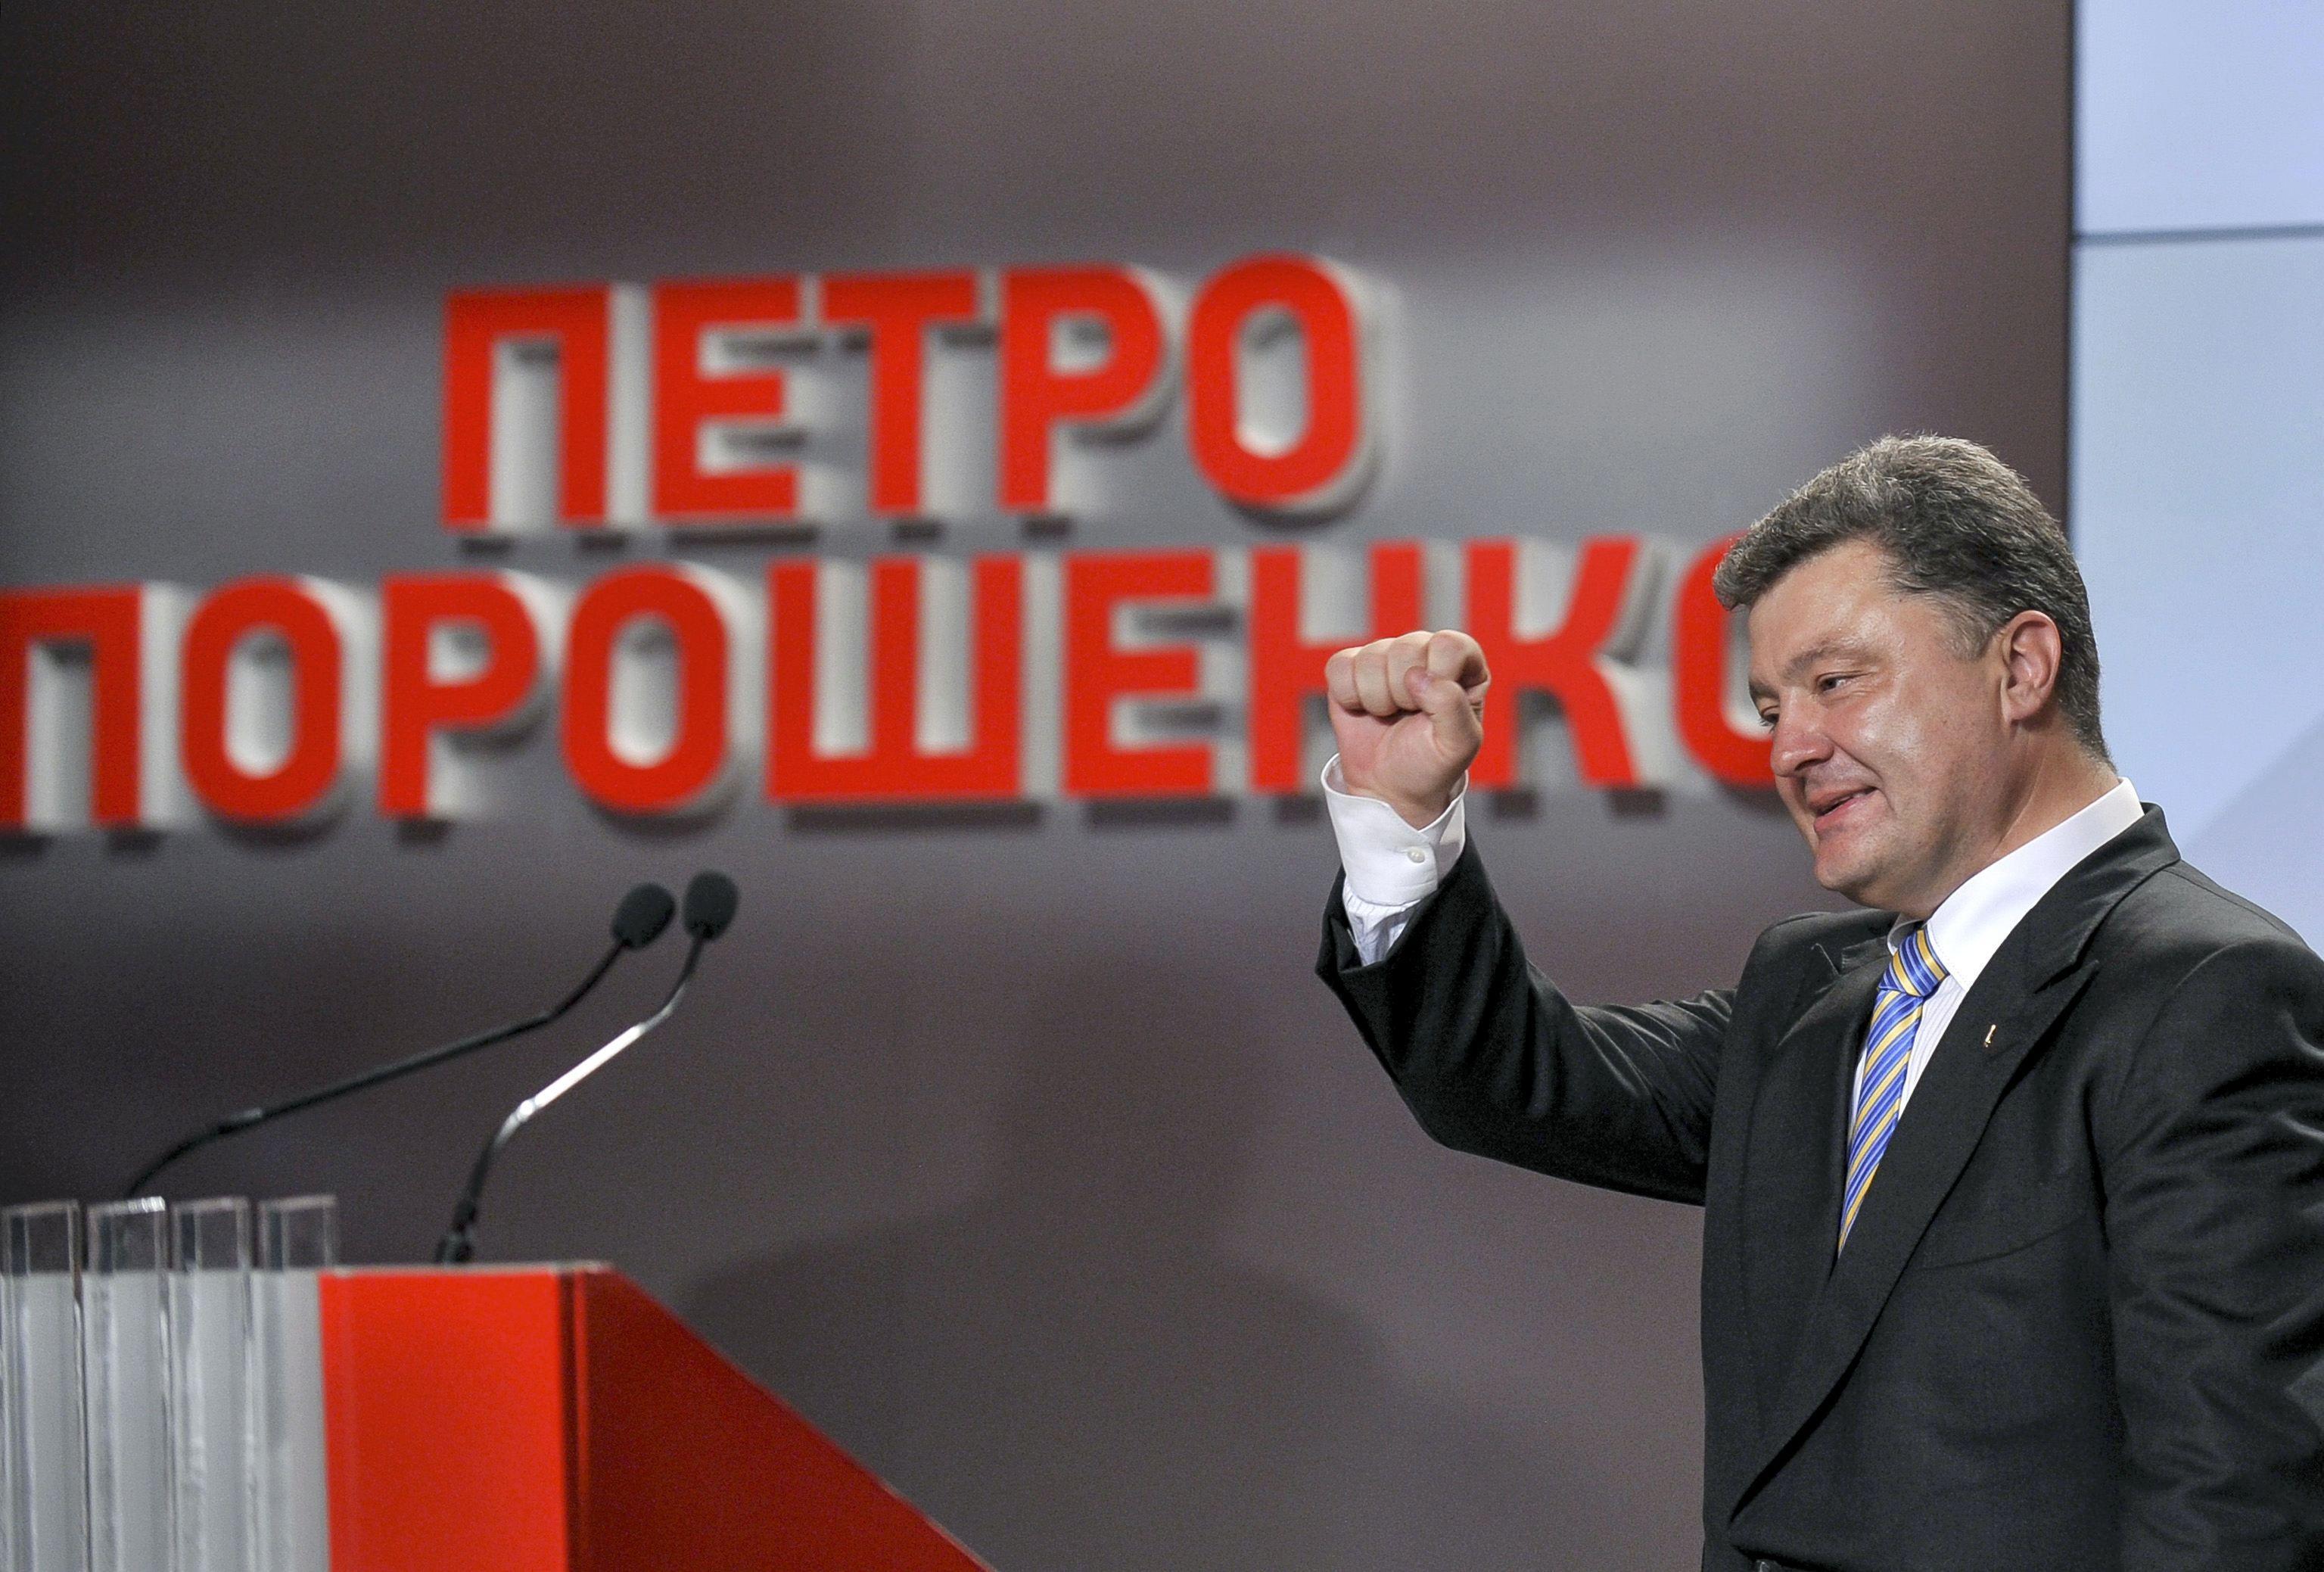 Петр Порошенко, по данным экзит-полов, является лидером президентской гонки